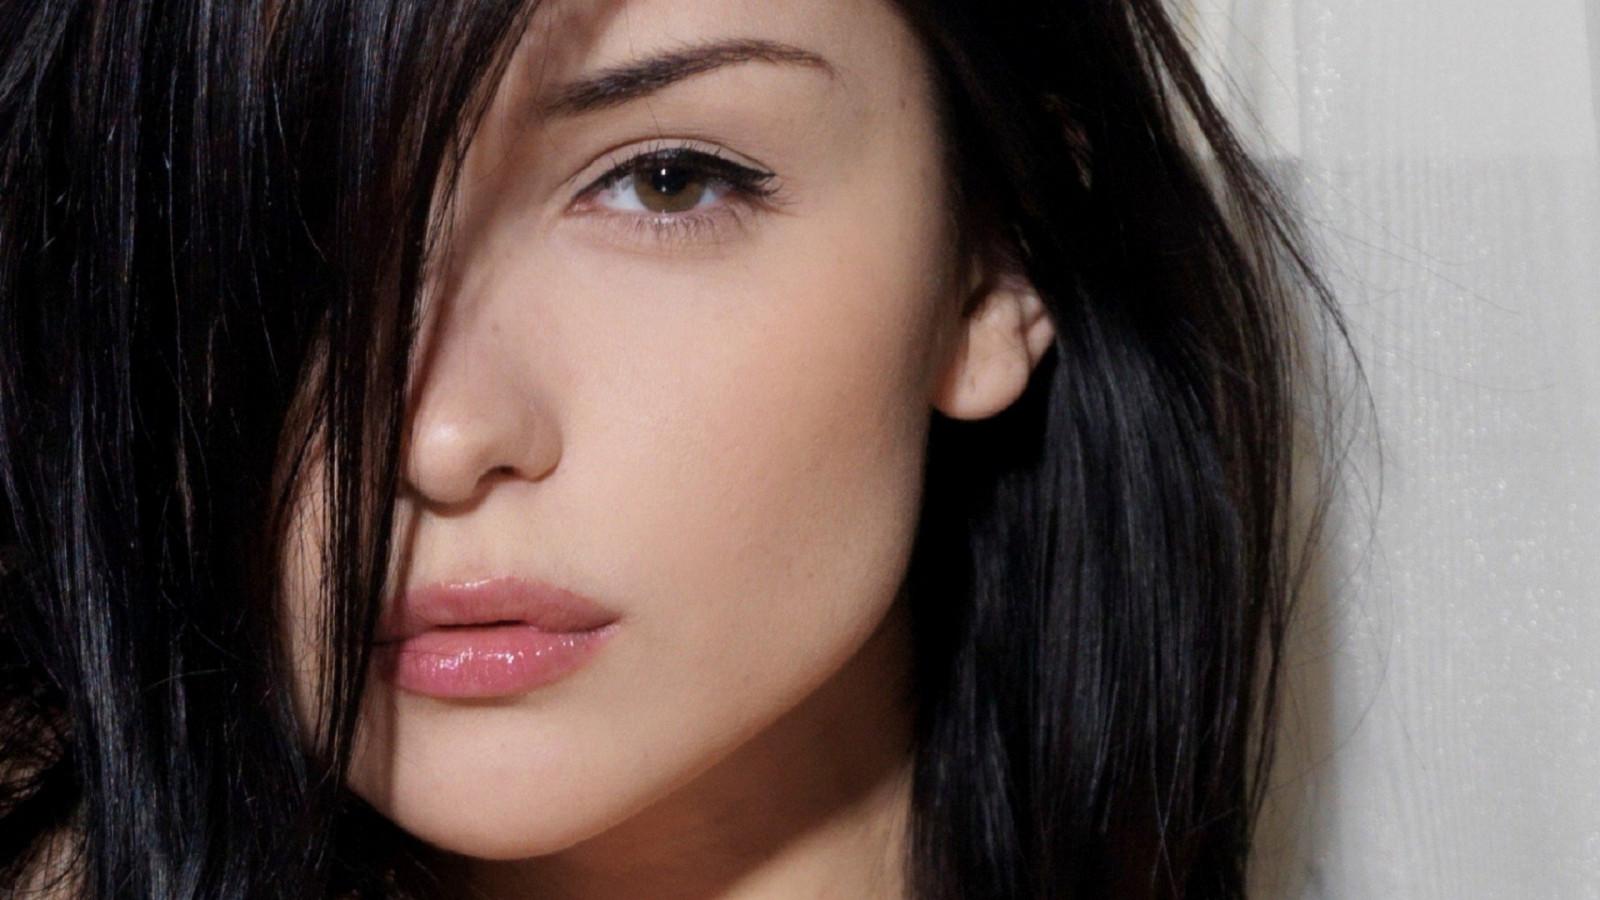 Katie_Fey_women_brunette_model_face_closeup_eyes_lips-108042.jpg!d